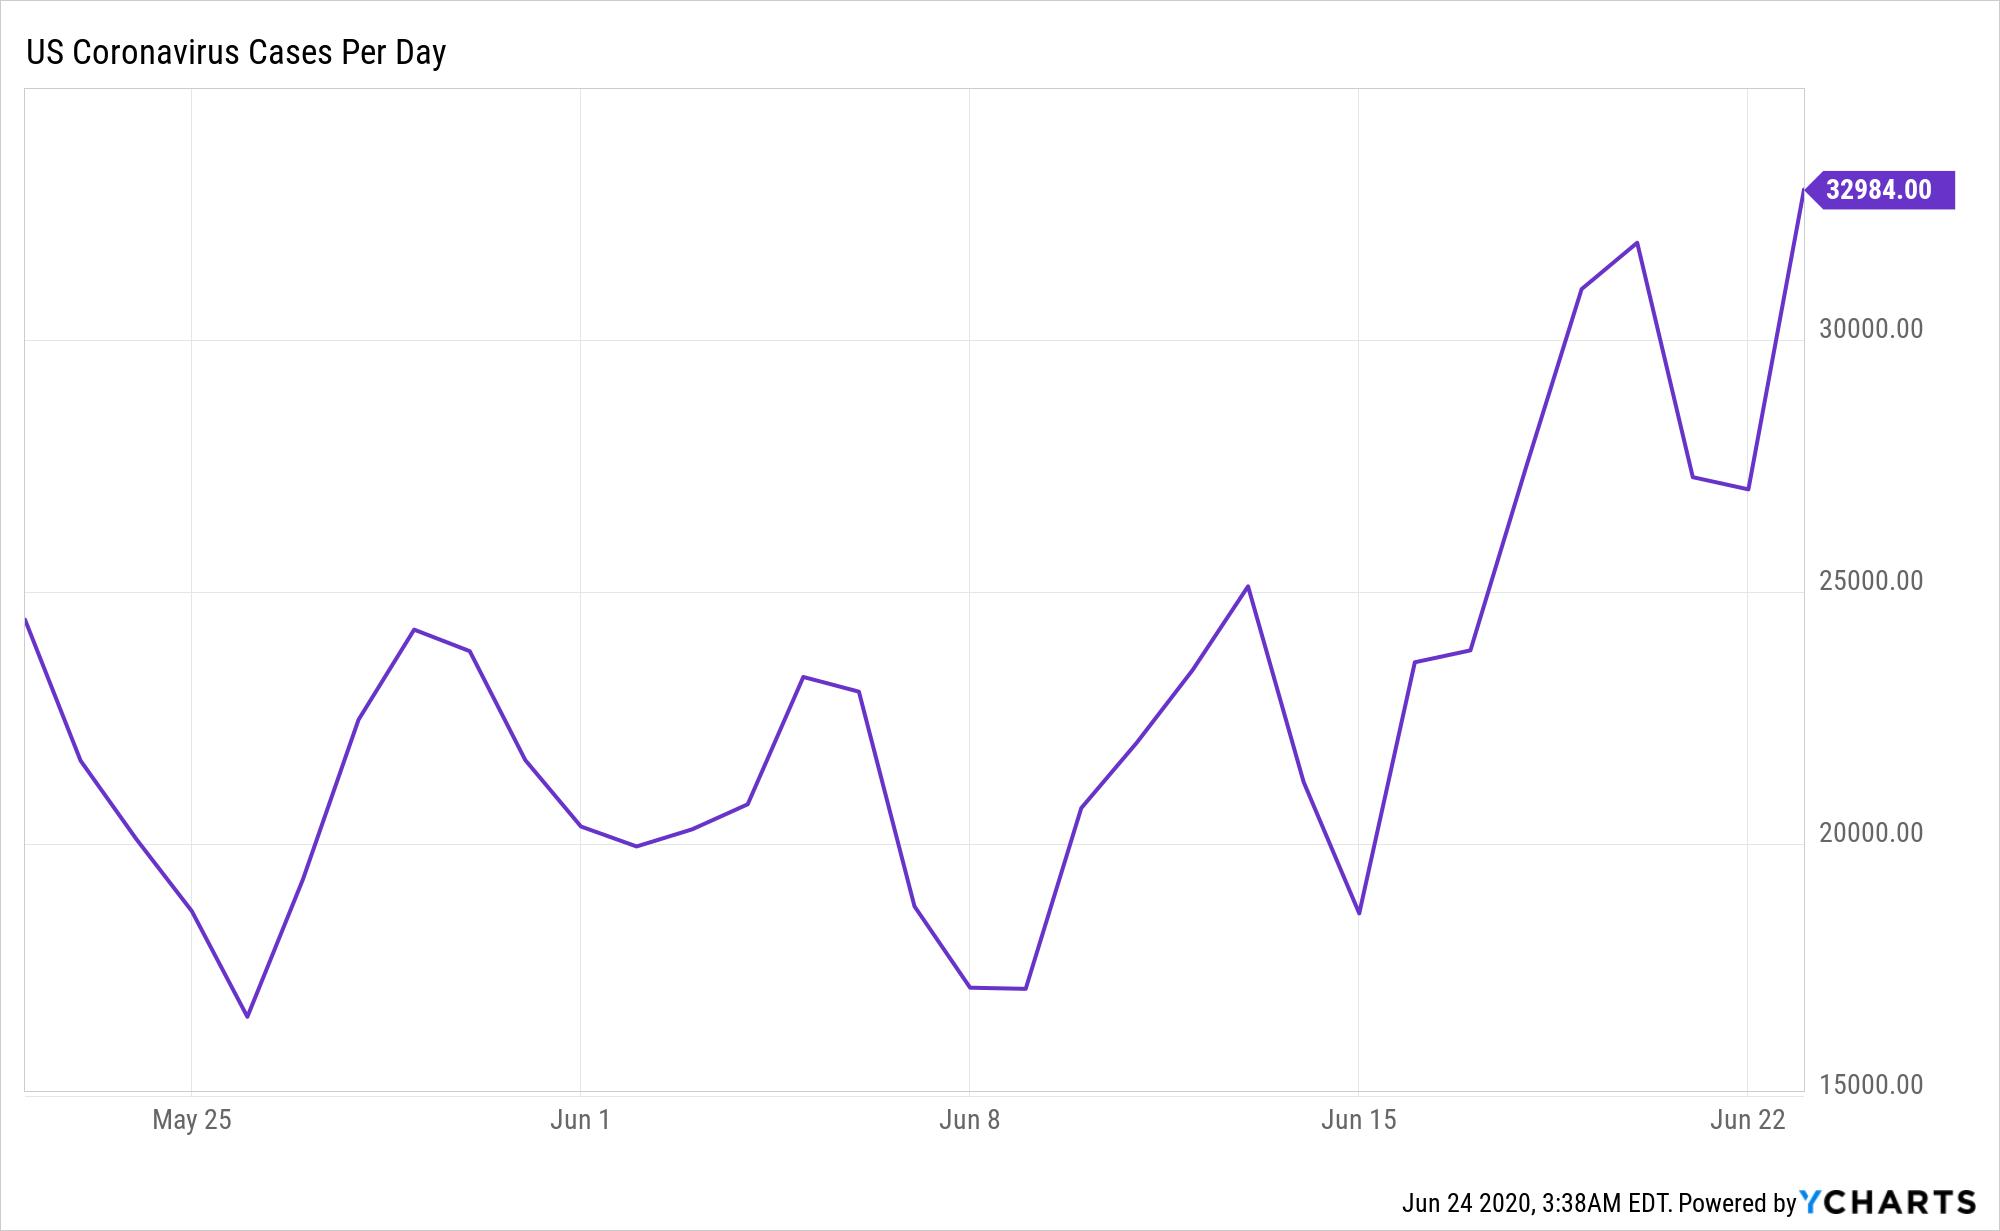 US Coronavirus Cases Per Day Chart